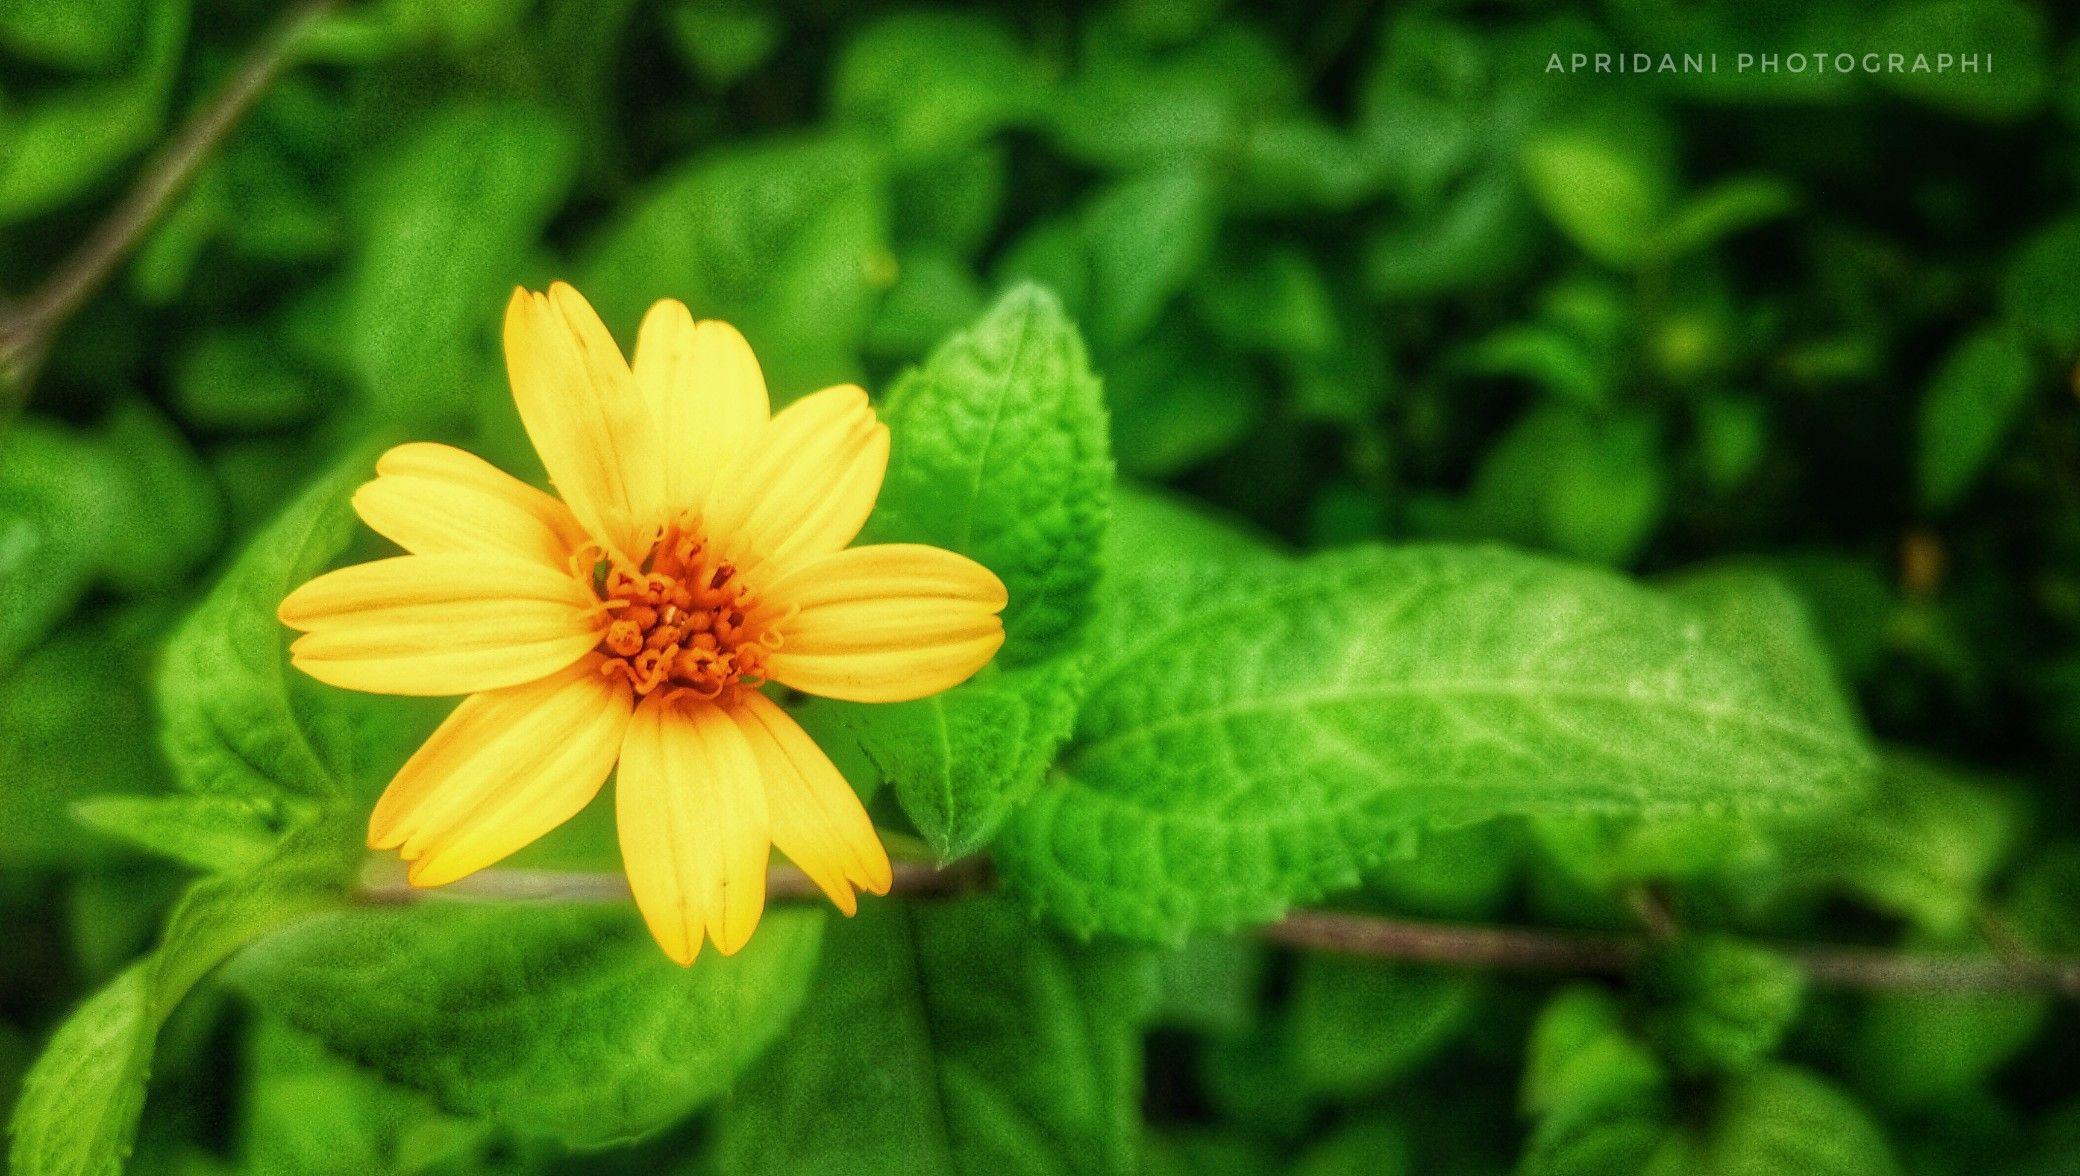 Bunga Berwarna Kuning Ini Ada Yang Menyebutnya Dengan Bunga